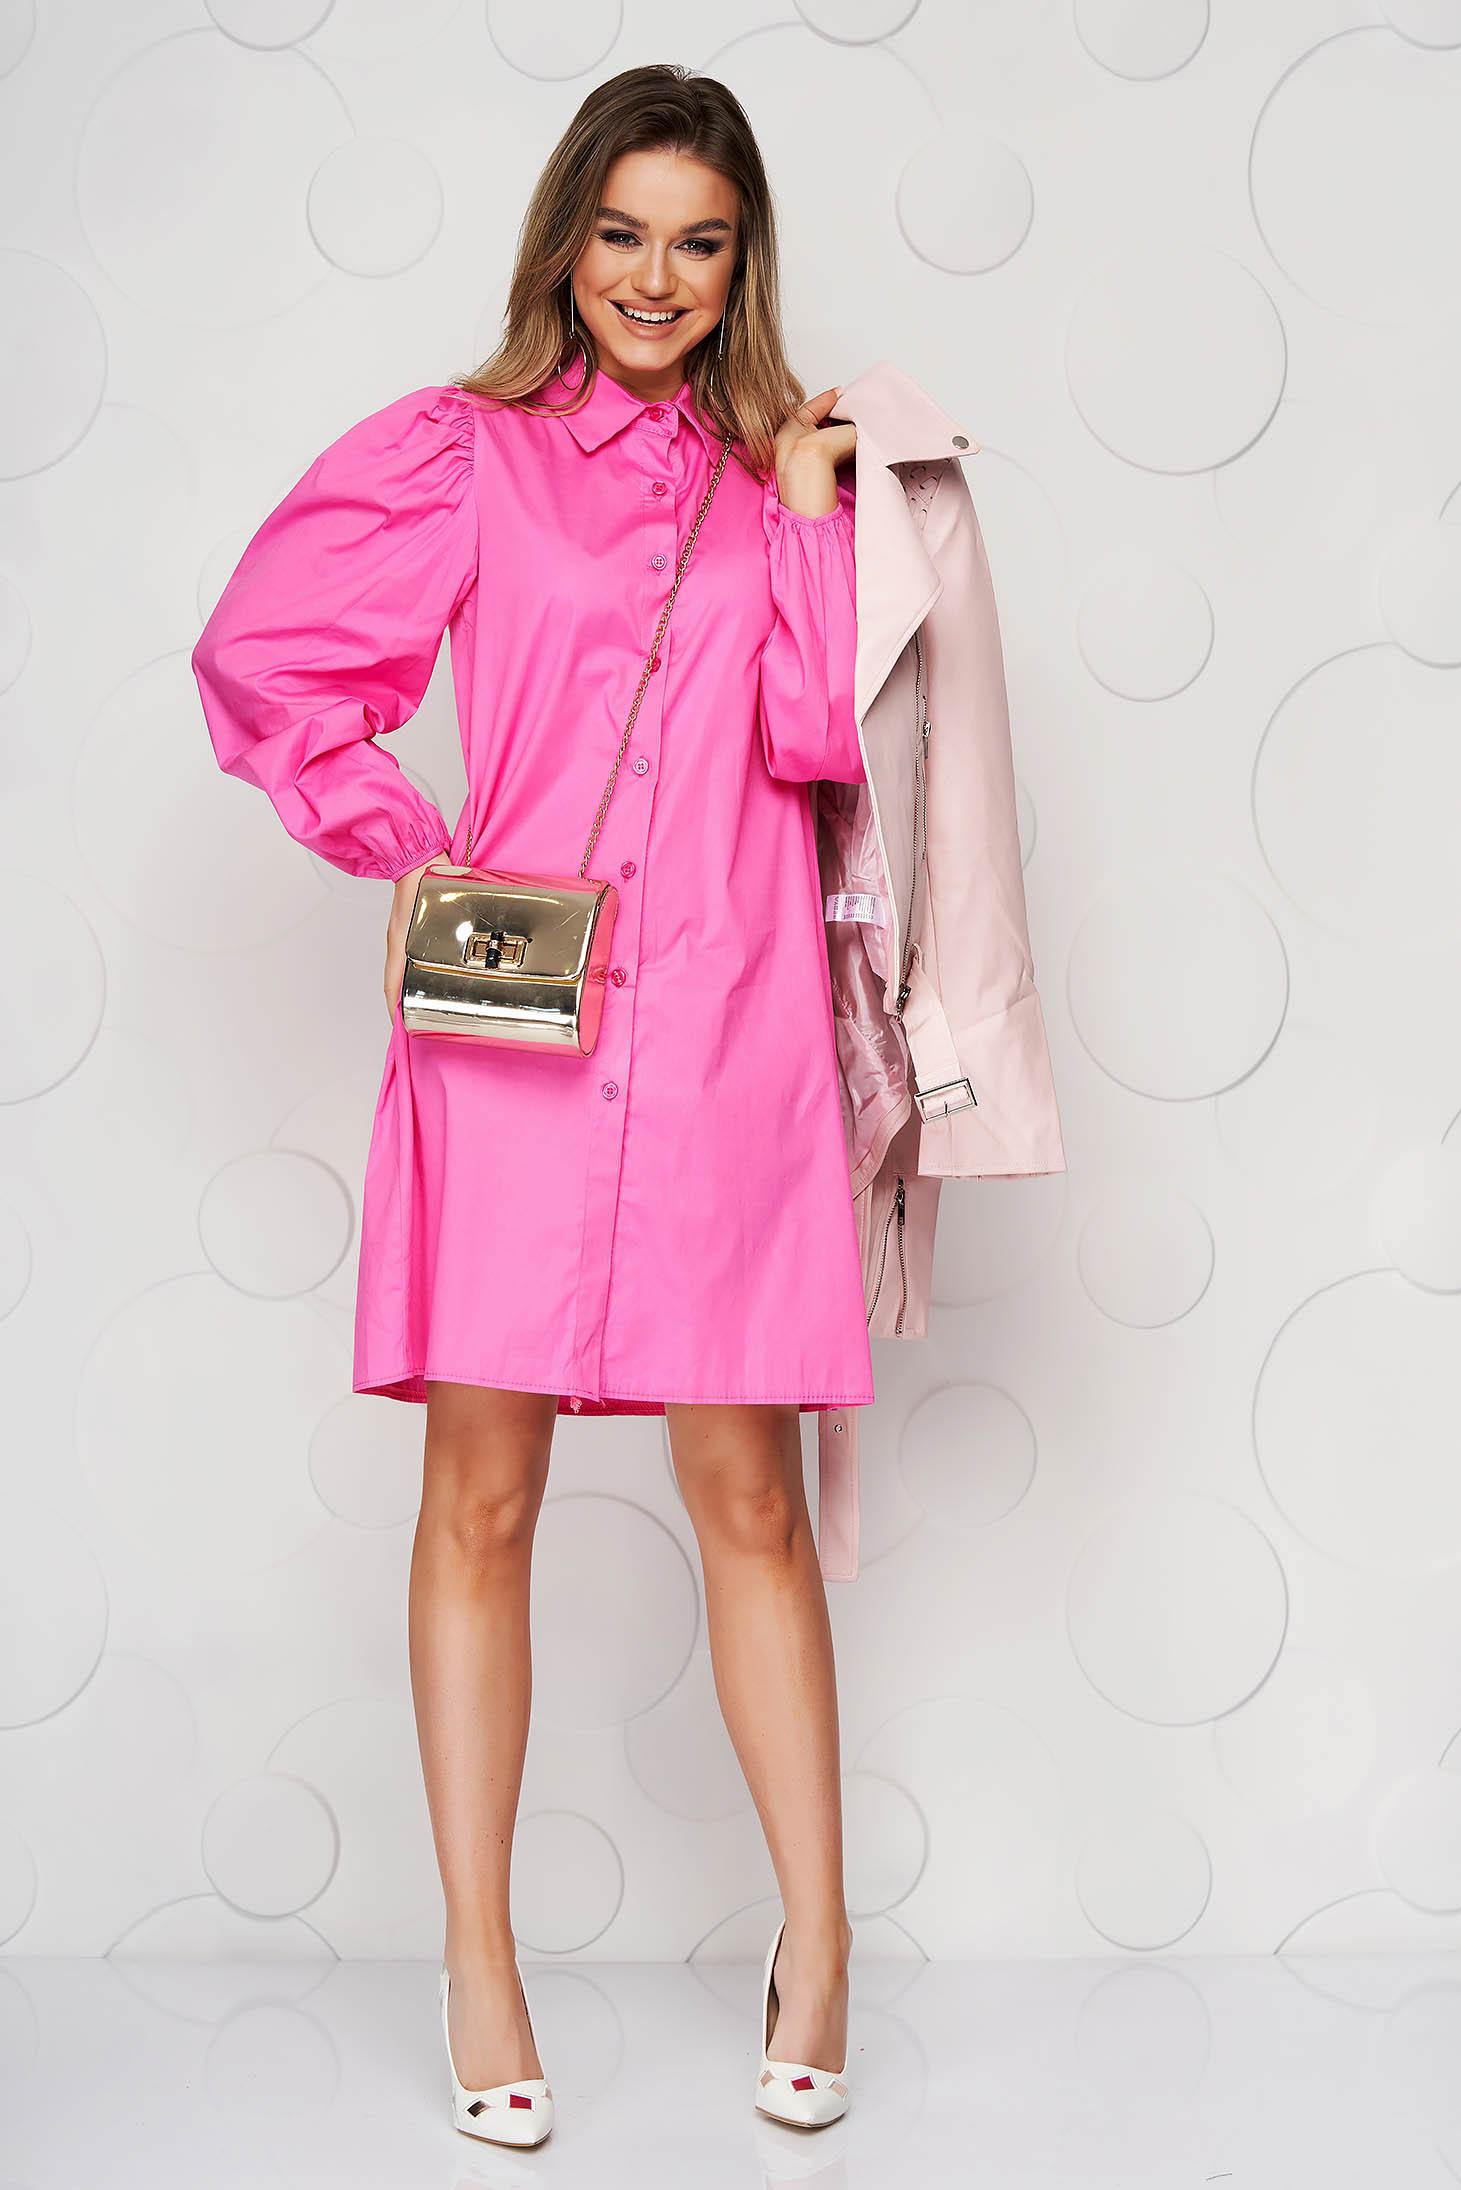 Rochie SunShine roz cu croi larg din material subtire cu maneci prinse in elastic